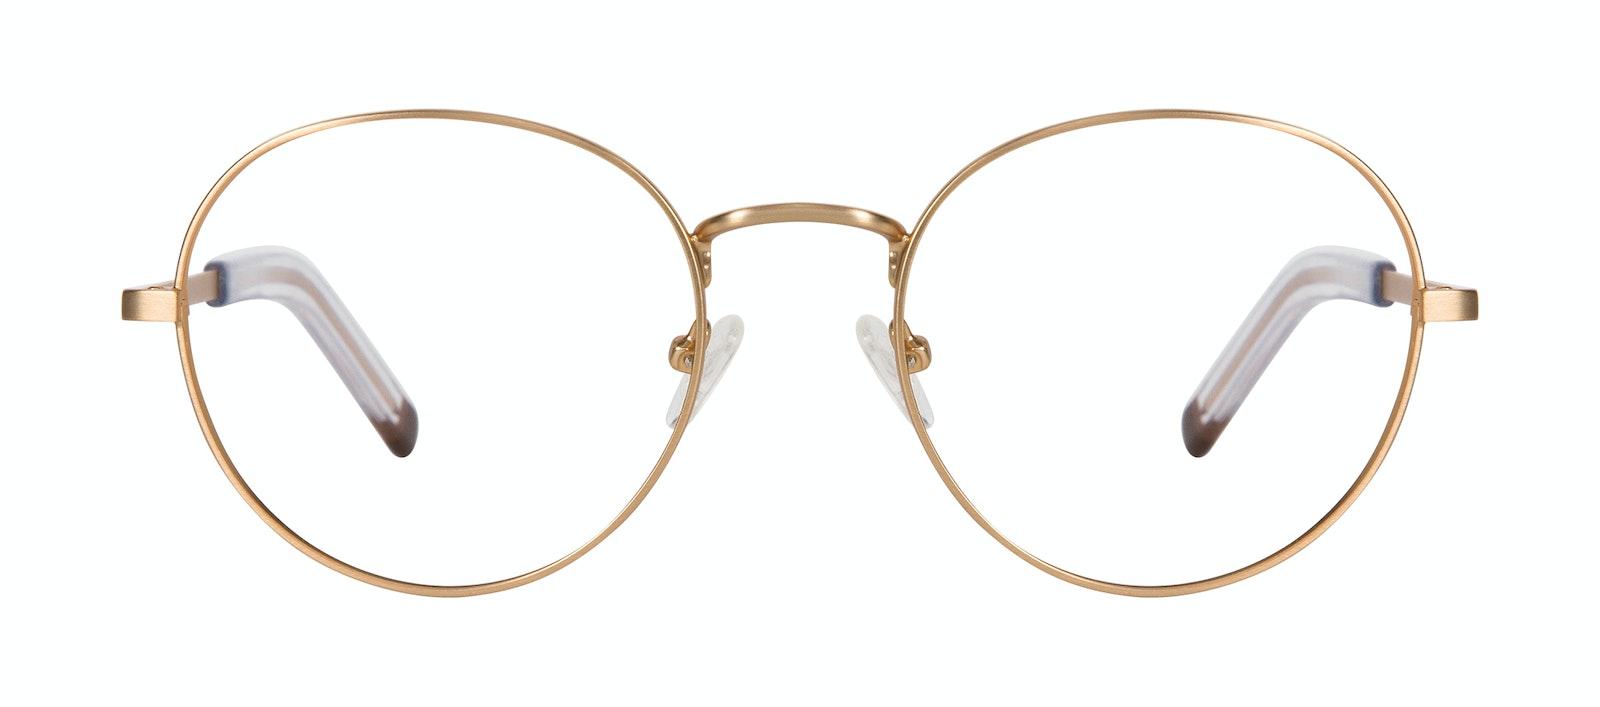 Lunettes tendance Ronde Lunettes de vue Hommes Lean XL Gold Matte Face